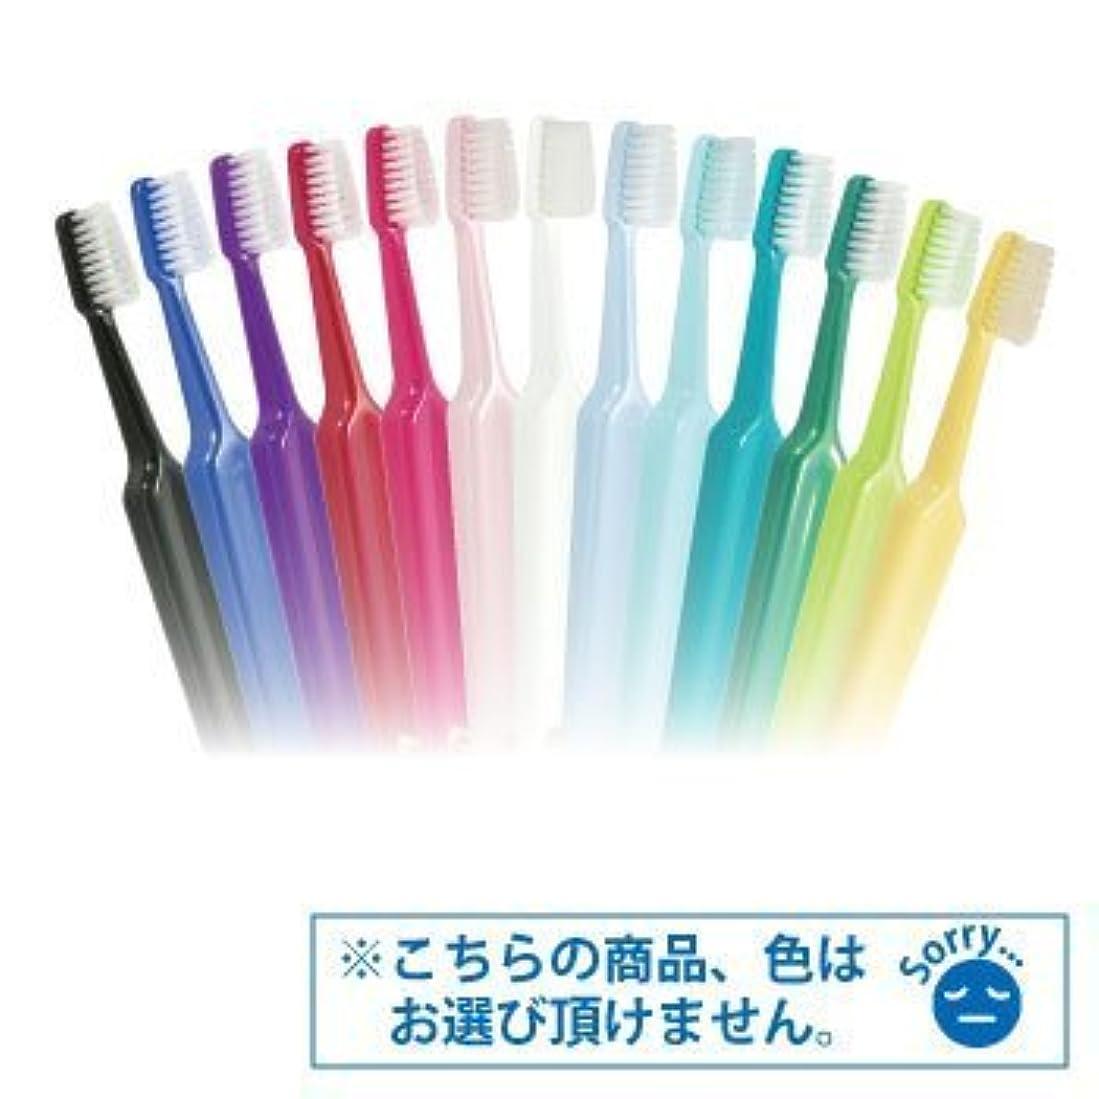 エンディングテクニカル処理Tepe歯ブラシ セレクトコンパクト /ソフト 30本入り